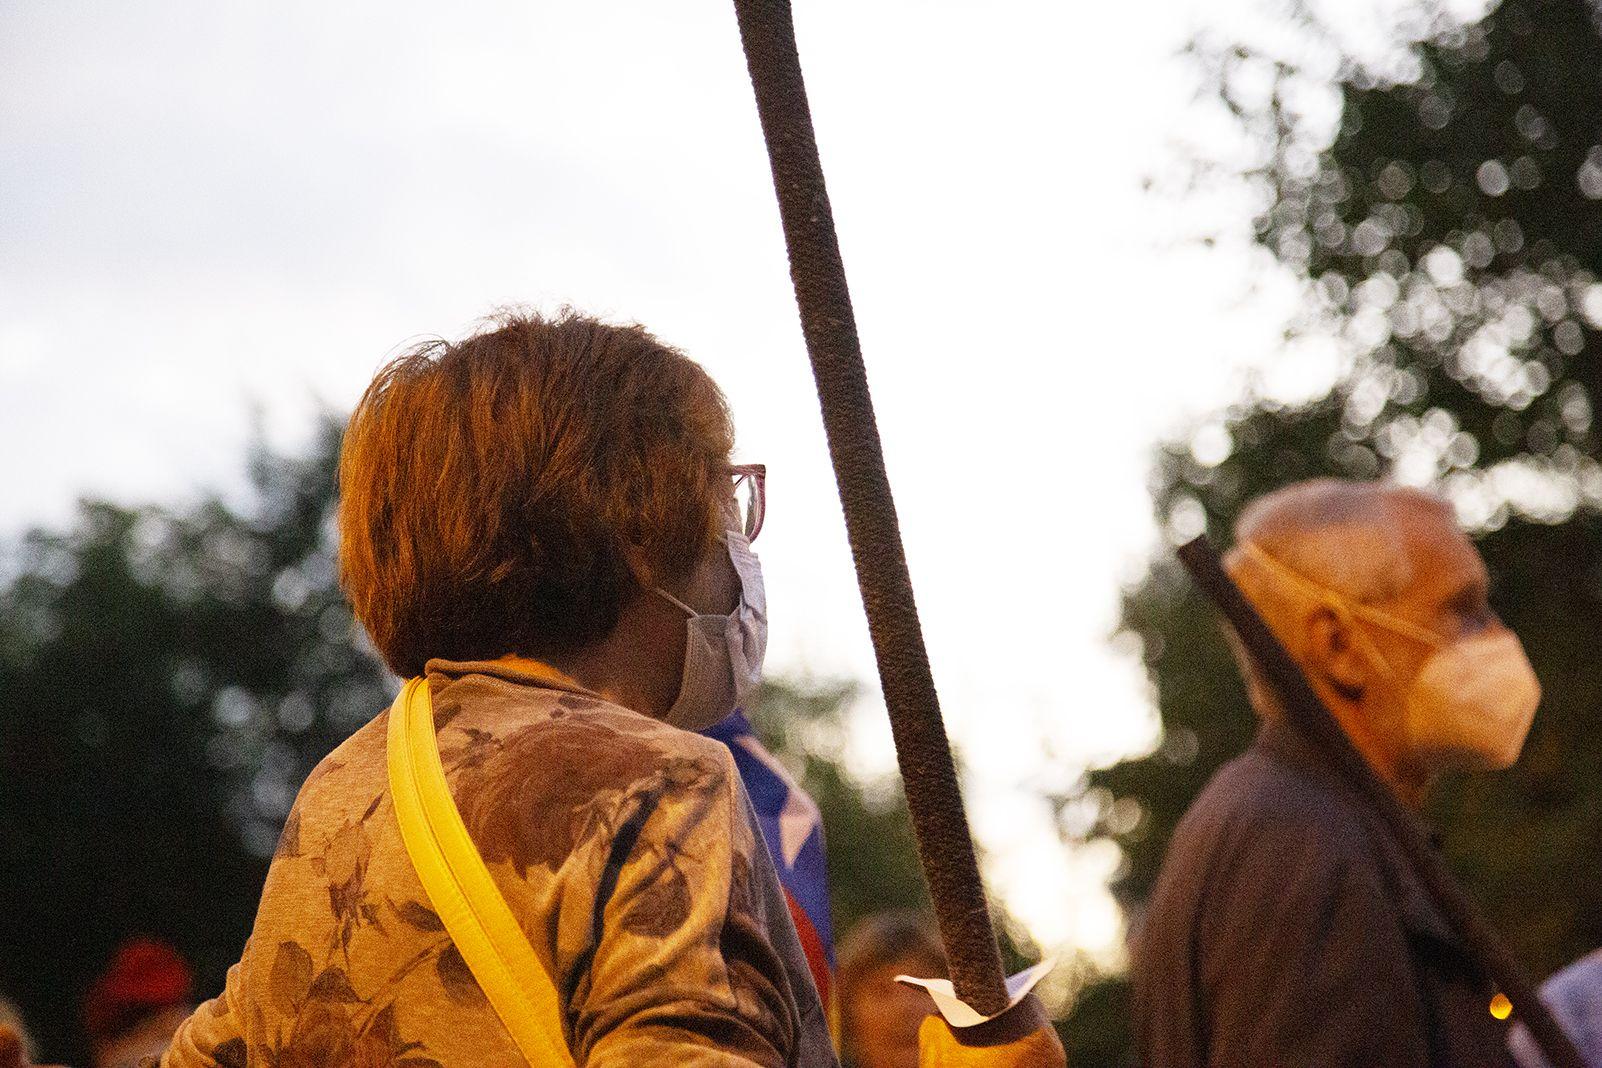 Inici de la Marxa de Torxes organitzada per Òmnium Cultural. Foto: Anna Bassa